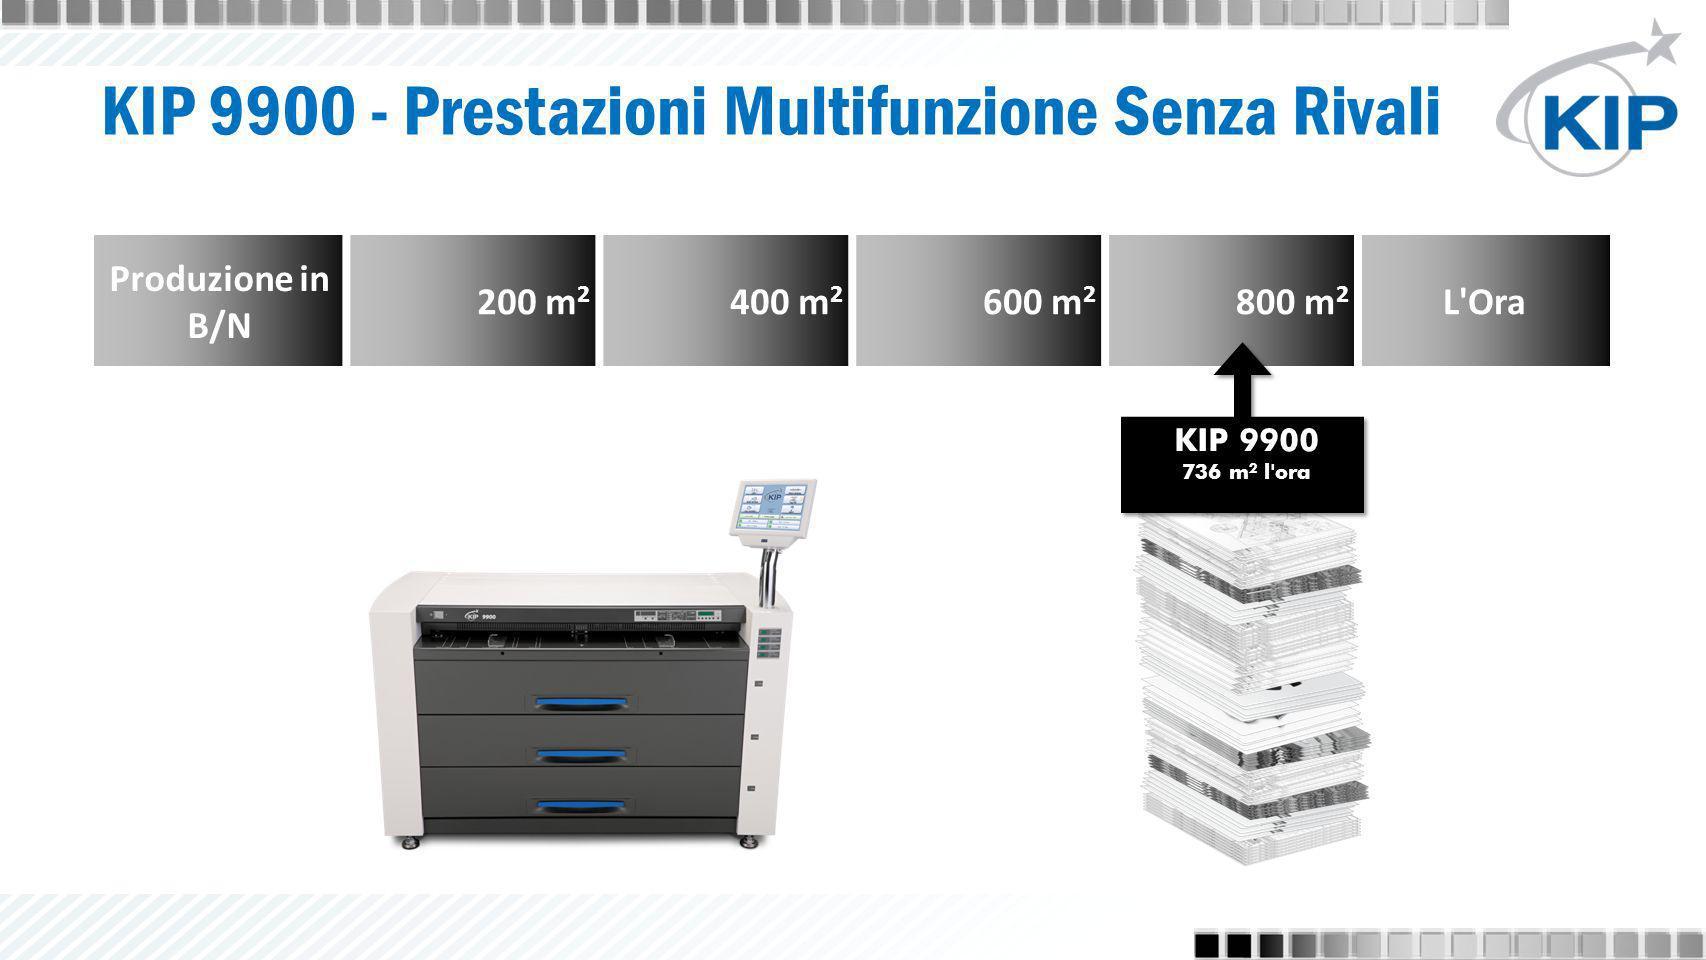 Produzione in B/N 200 m 2 400 m 2 600 m 2 800 m 2 L Ora KIP 9900 - Prestazioni Multifunzione Senza Rivali KIP 9900 736 m 2 l ora